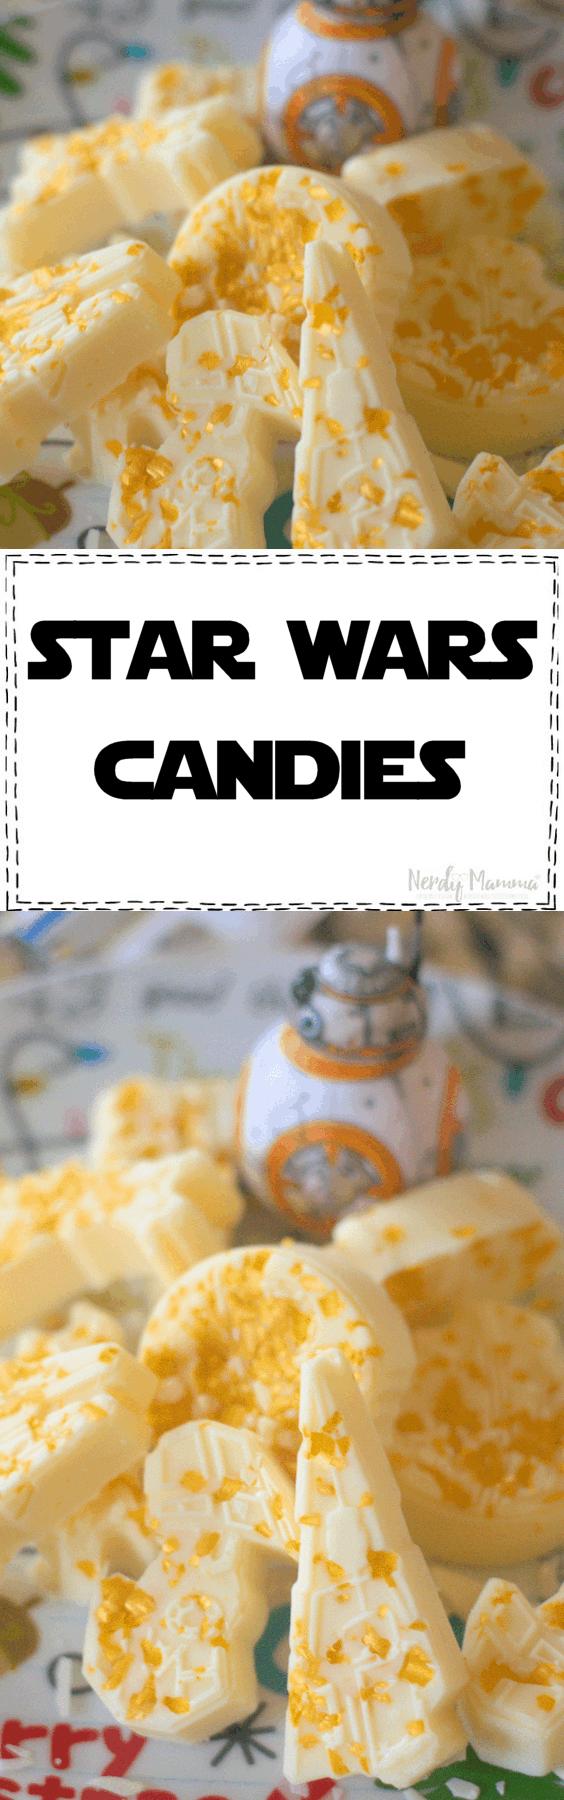 Star Wars Candies!